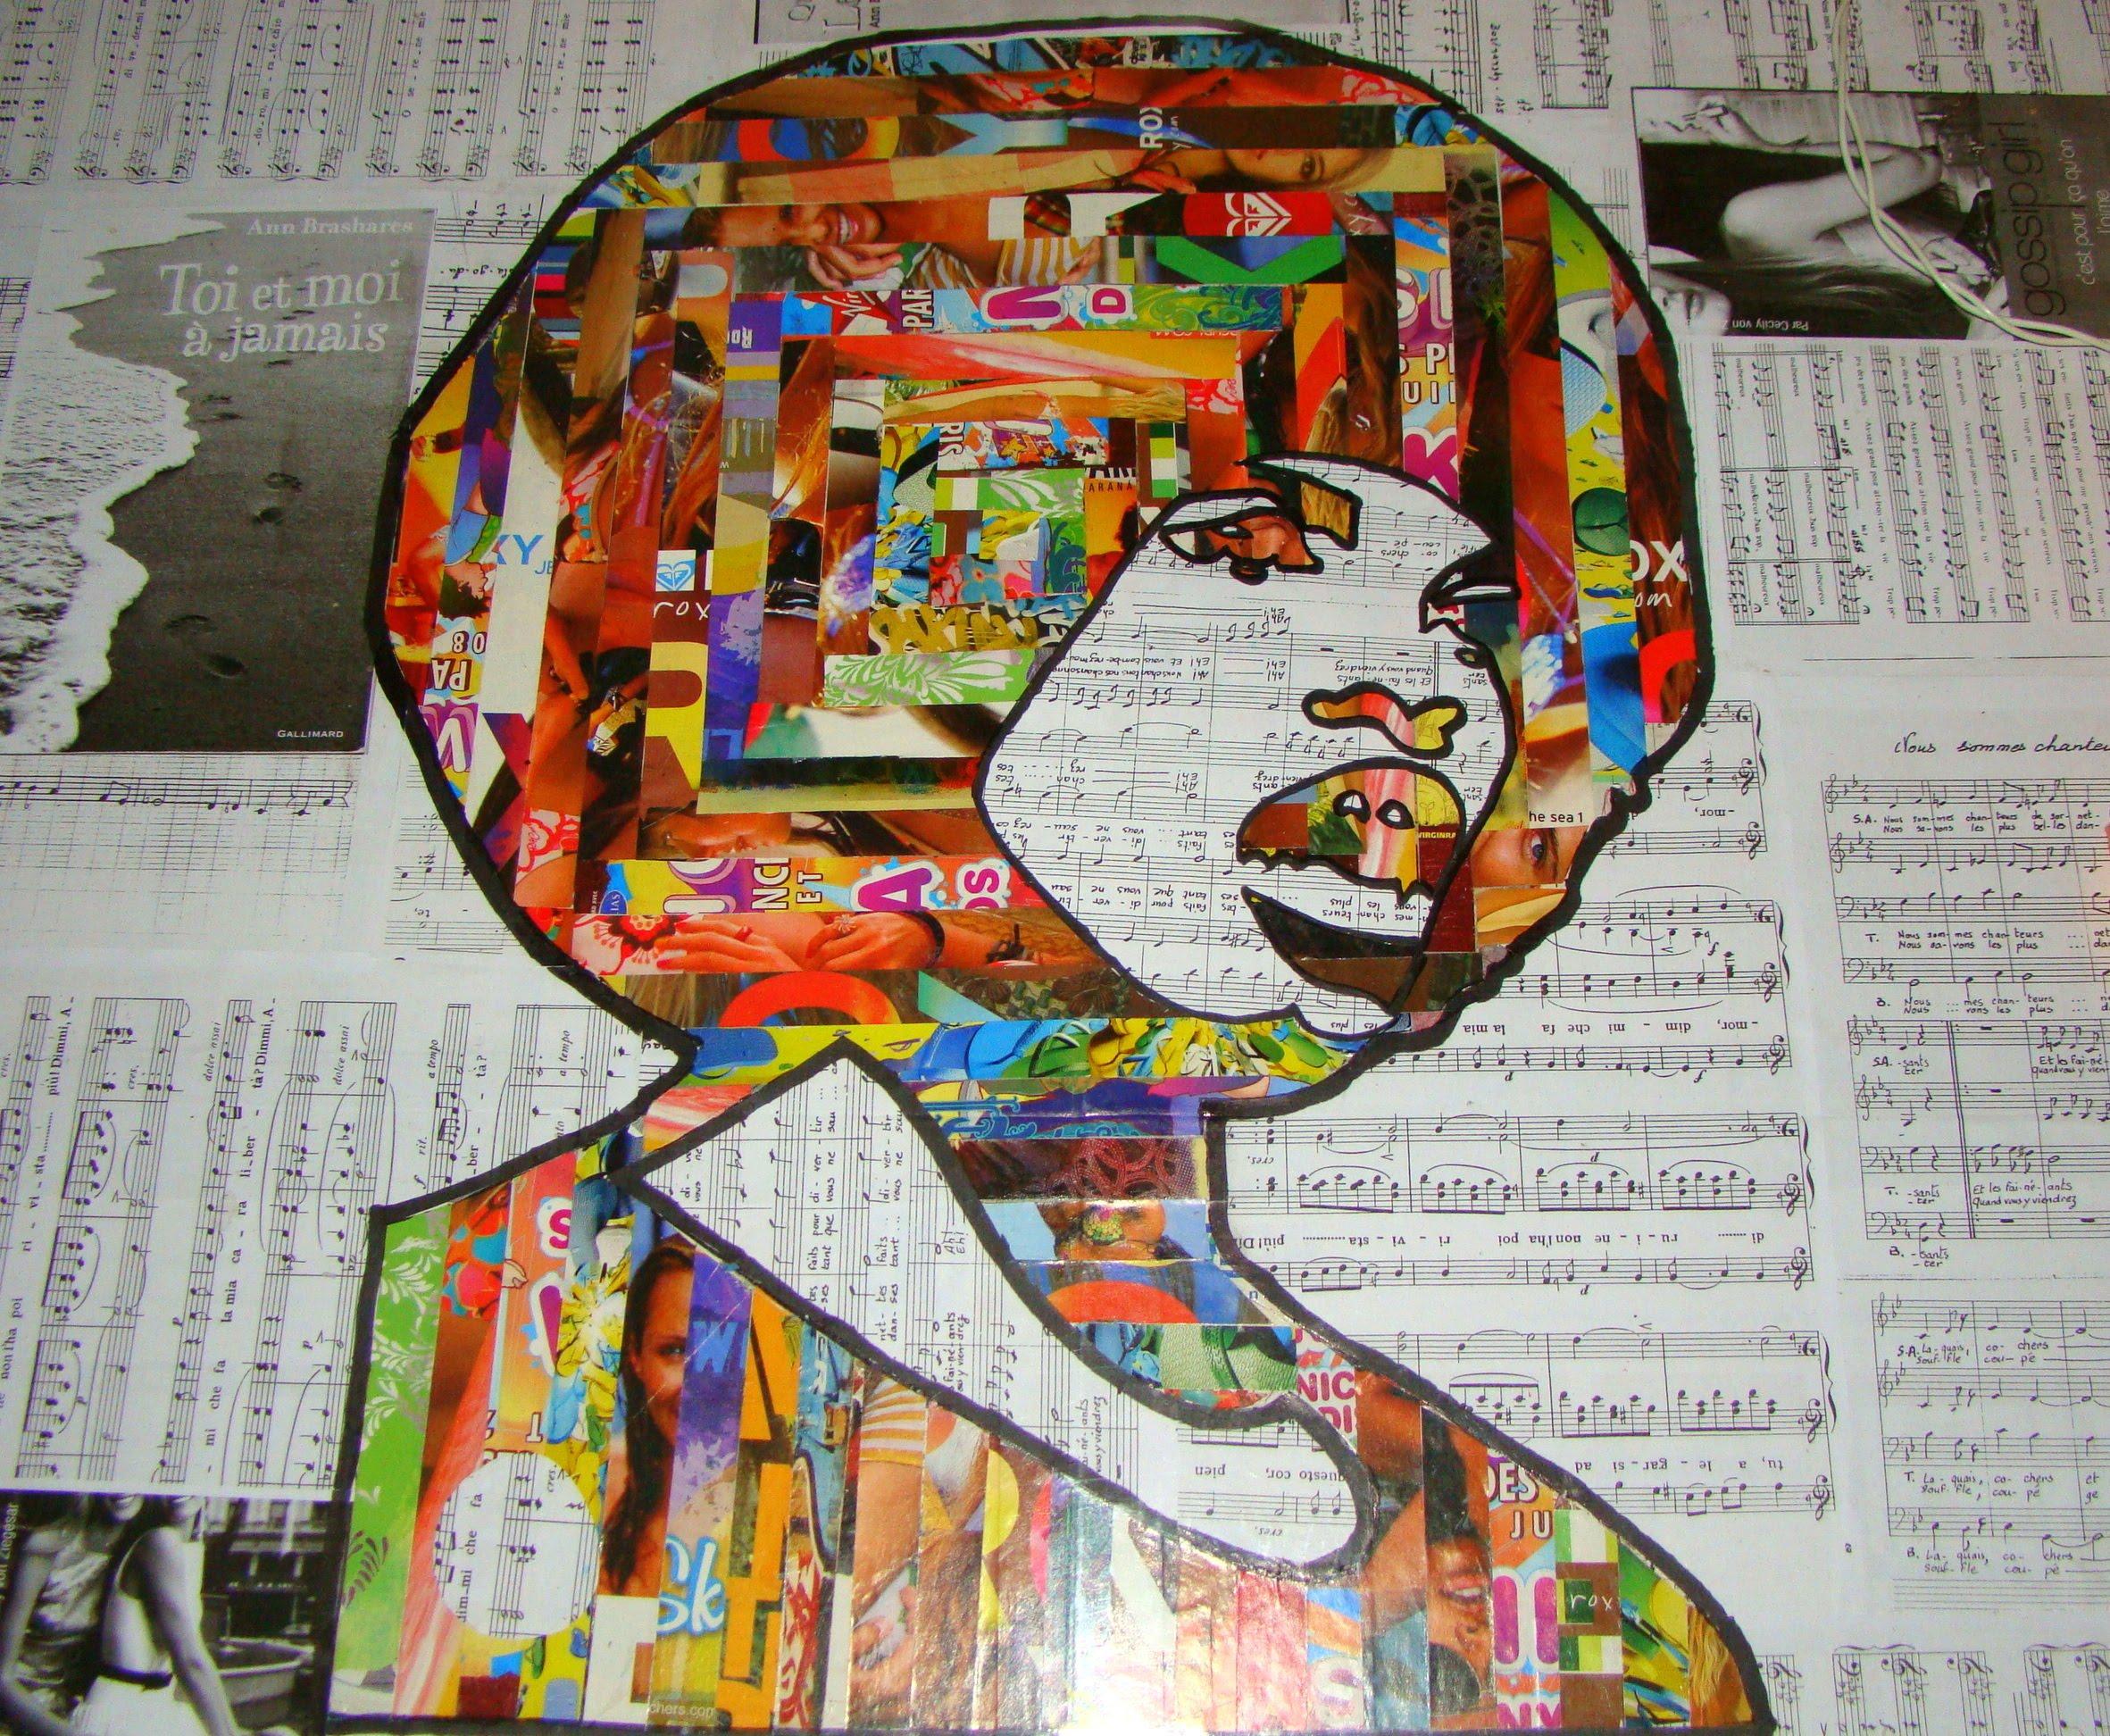 Angela en collage